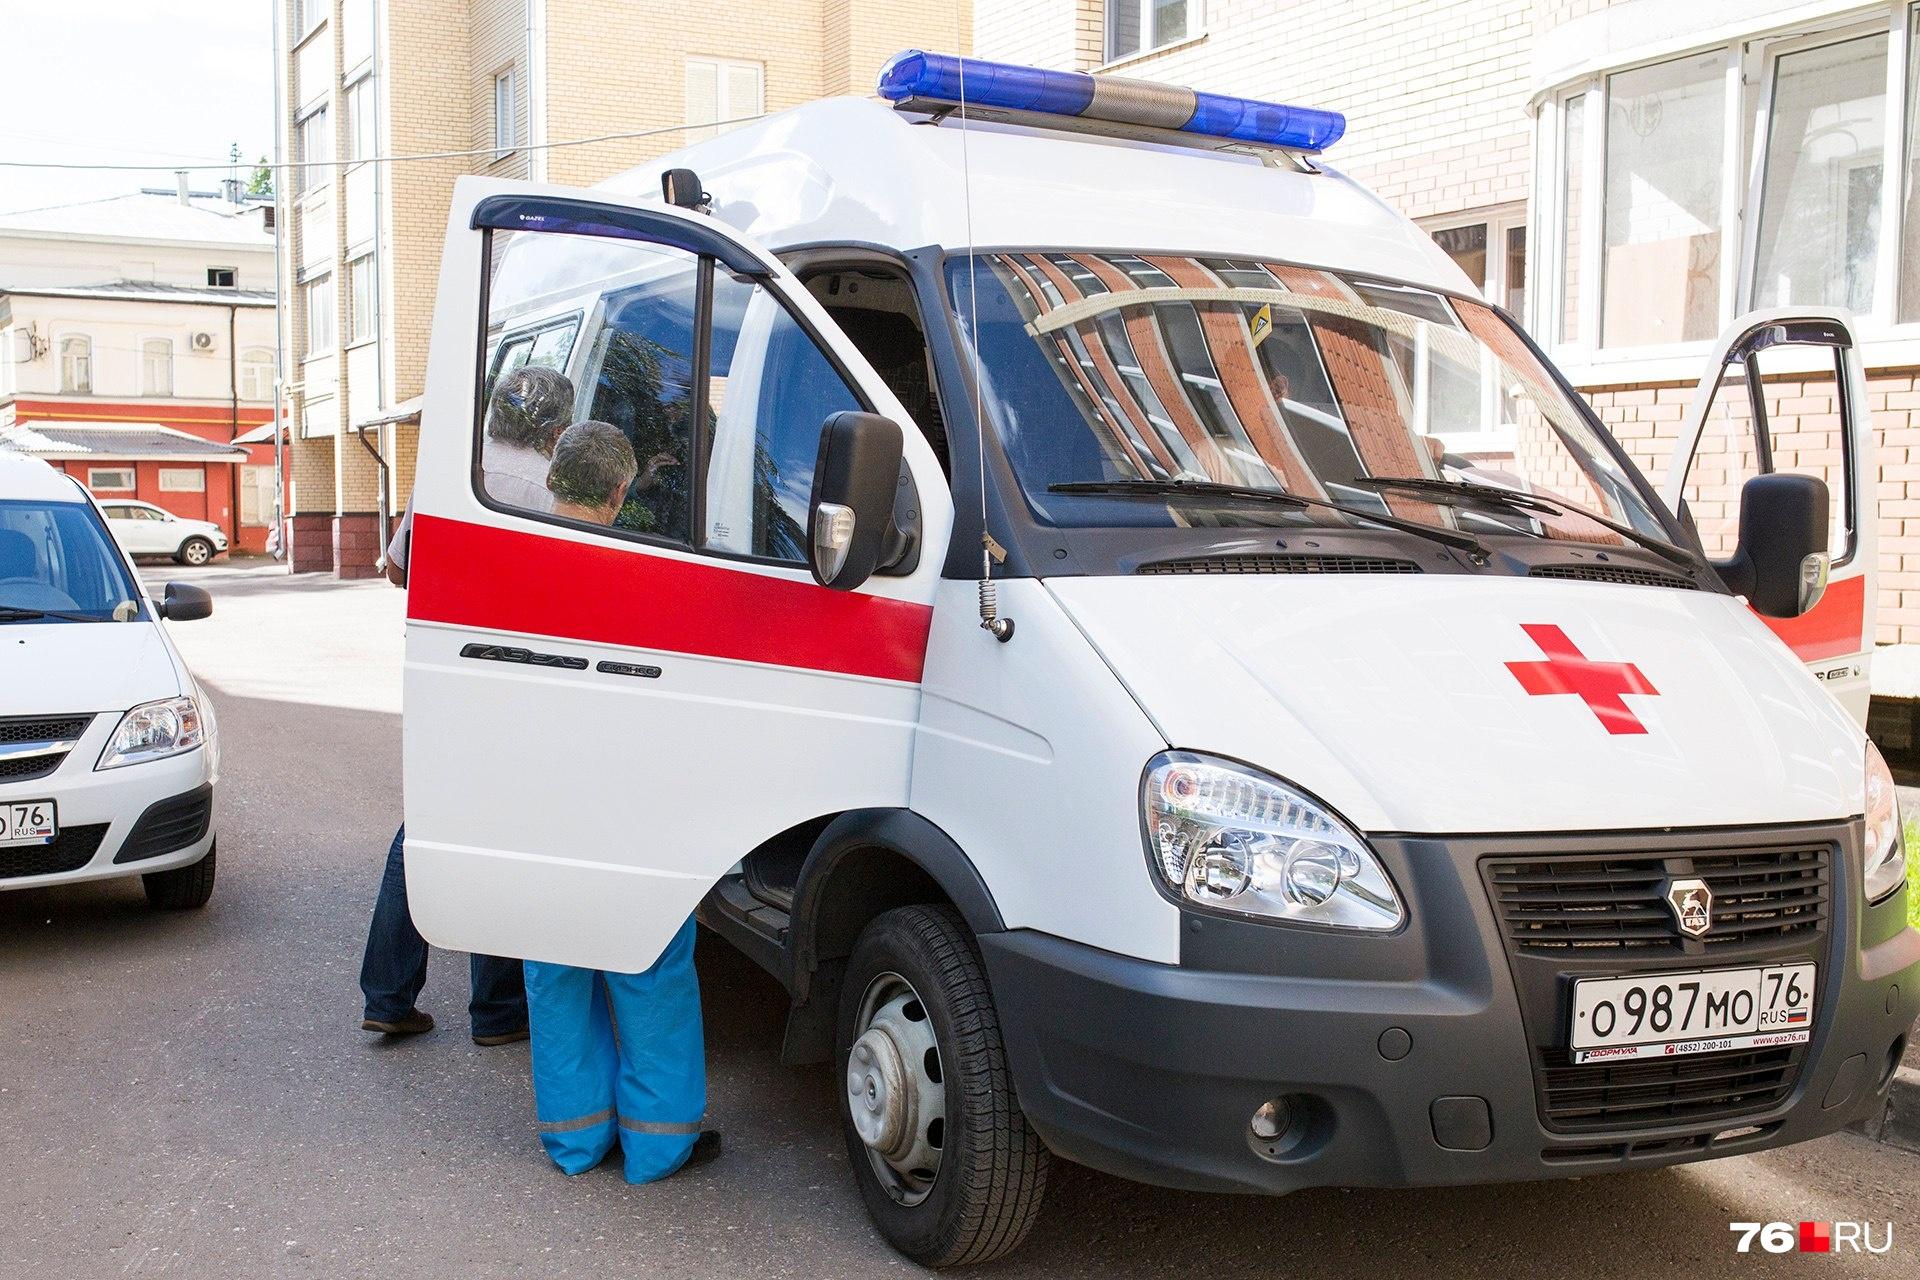 Скорую помощь в Ярославле объединят с медициной катастроф. А после к этой службе присоединят и санитарную авиацию